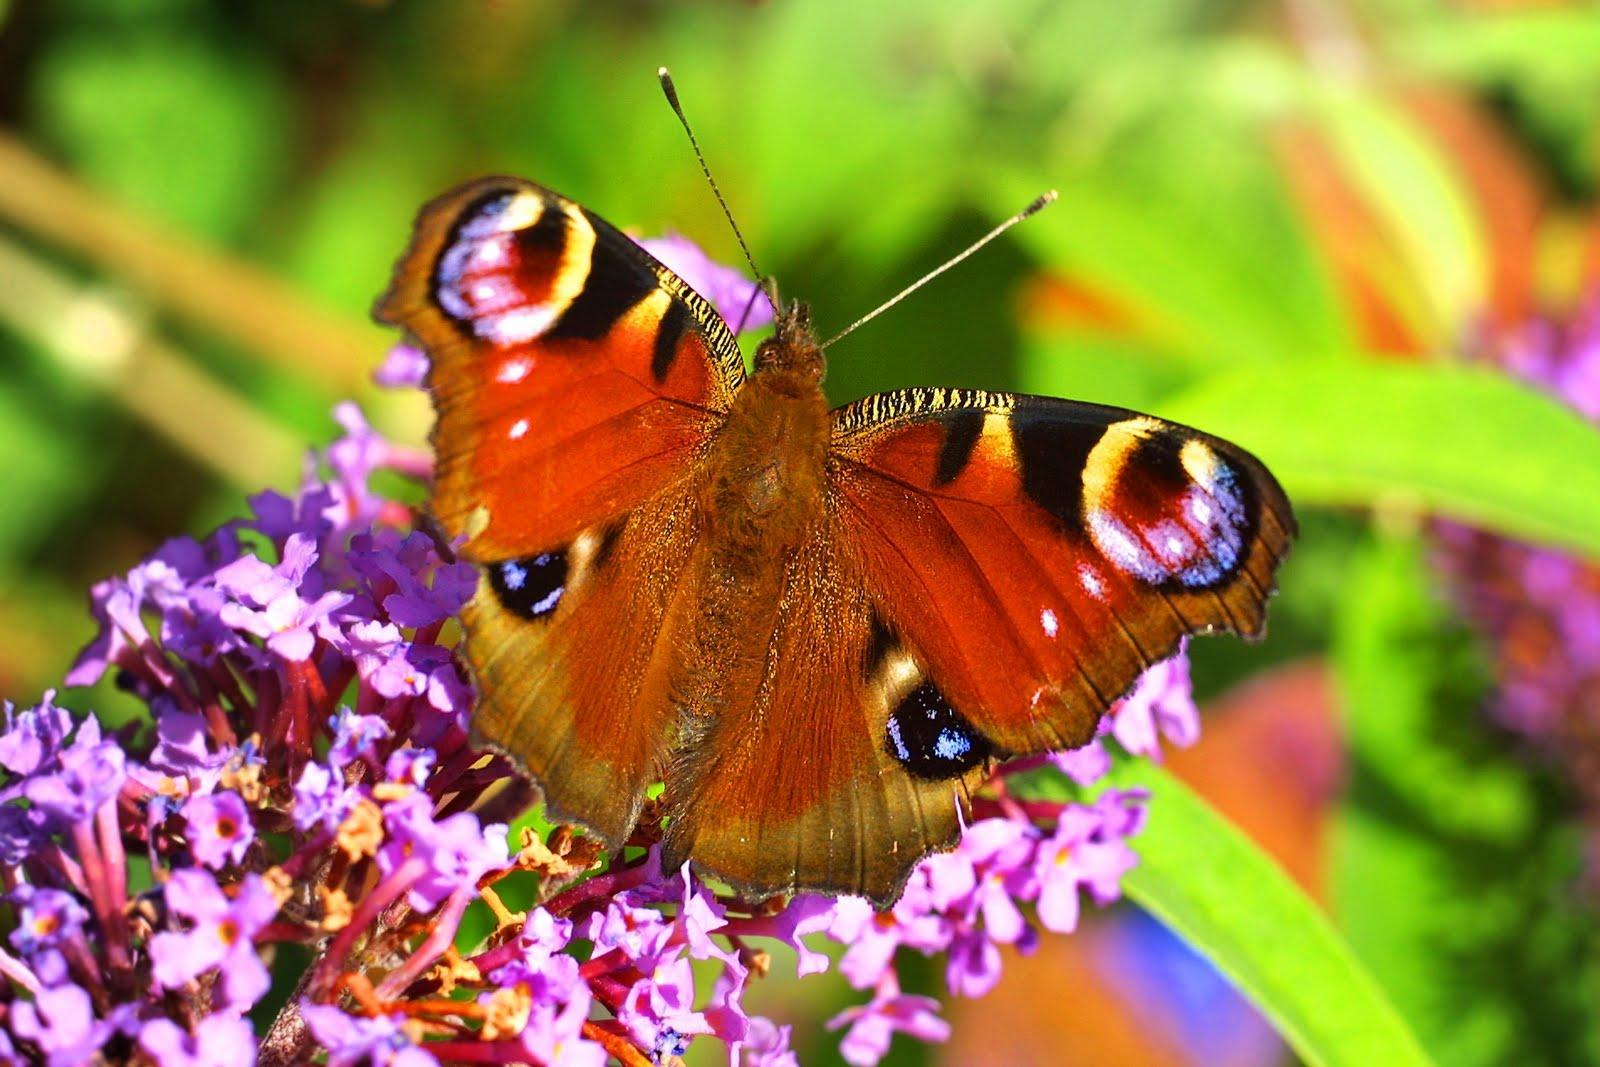 Peacock_butterfly_on_buddleja_davidii